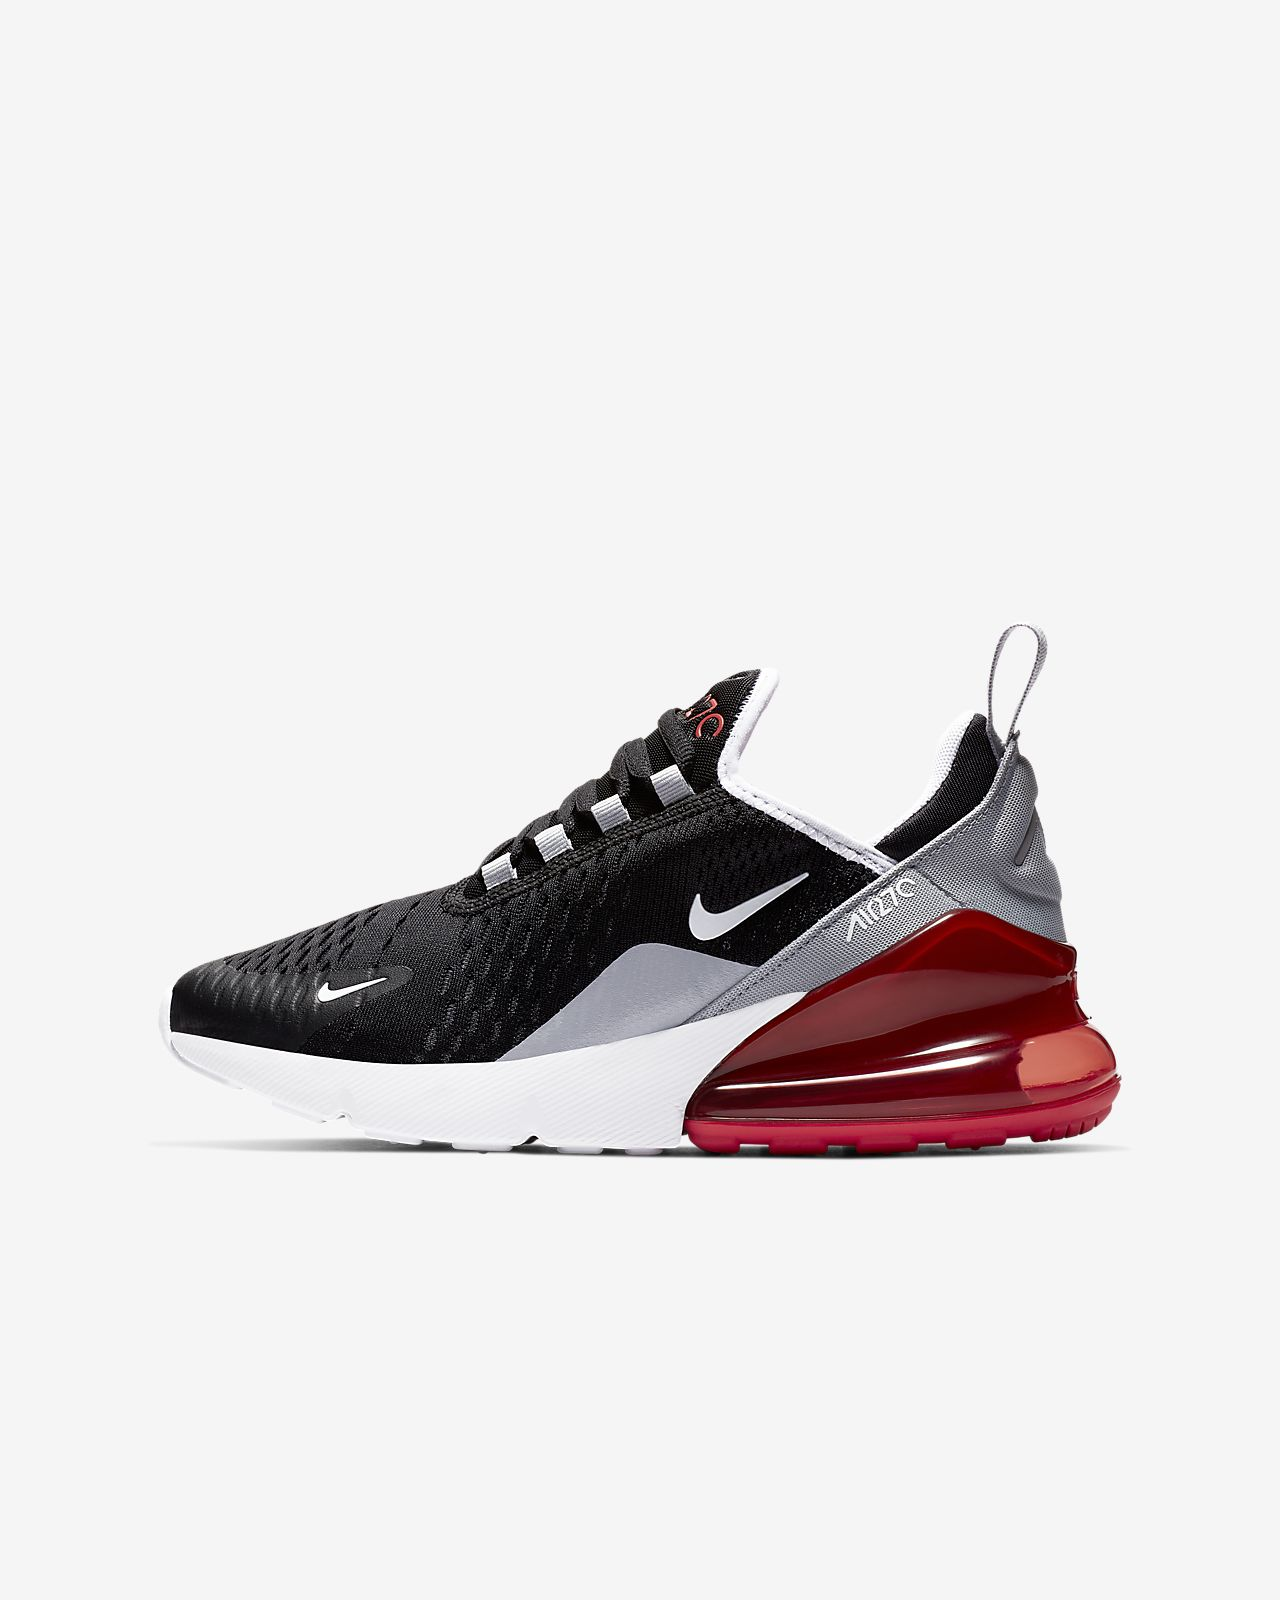 cheaper 9f811 ccd64 ... Nike Air Max 270 Schuh für ältere Kinder